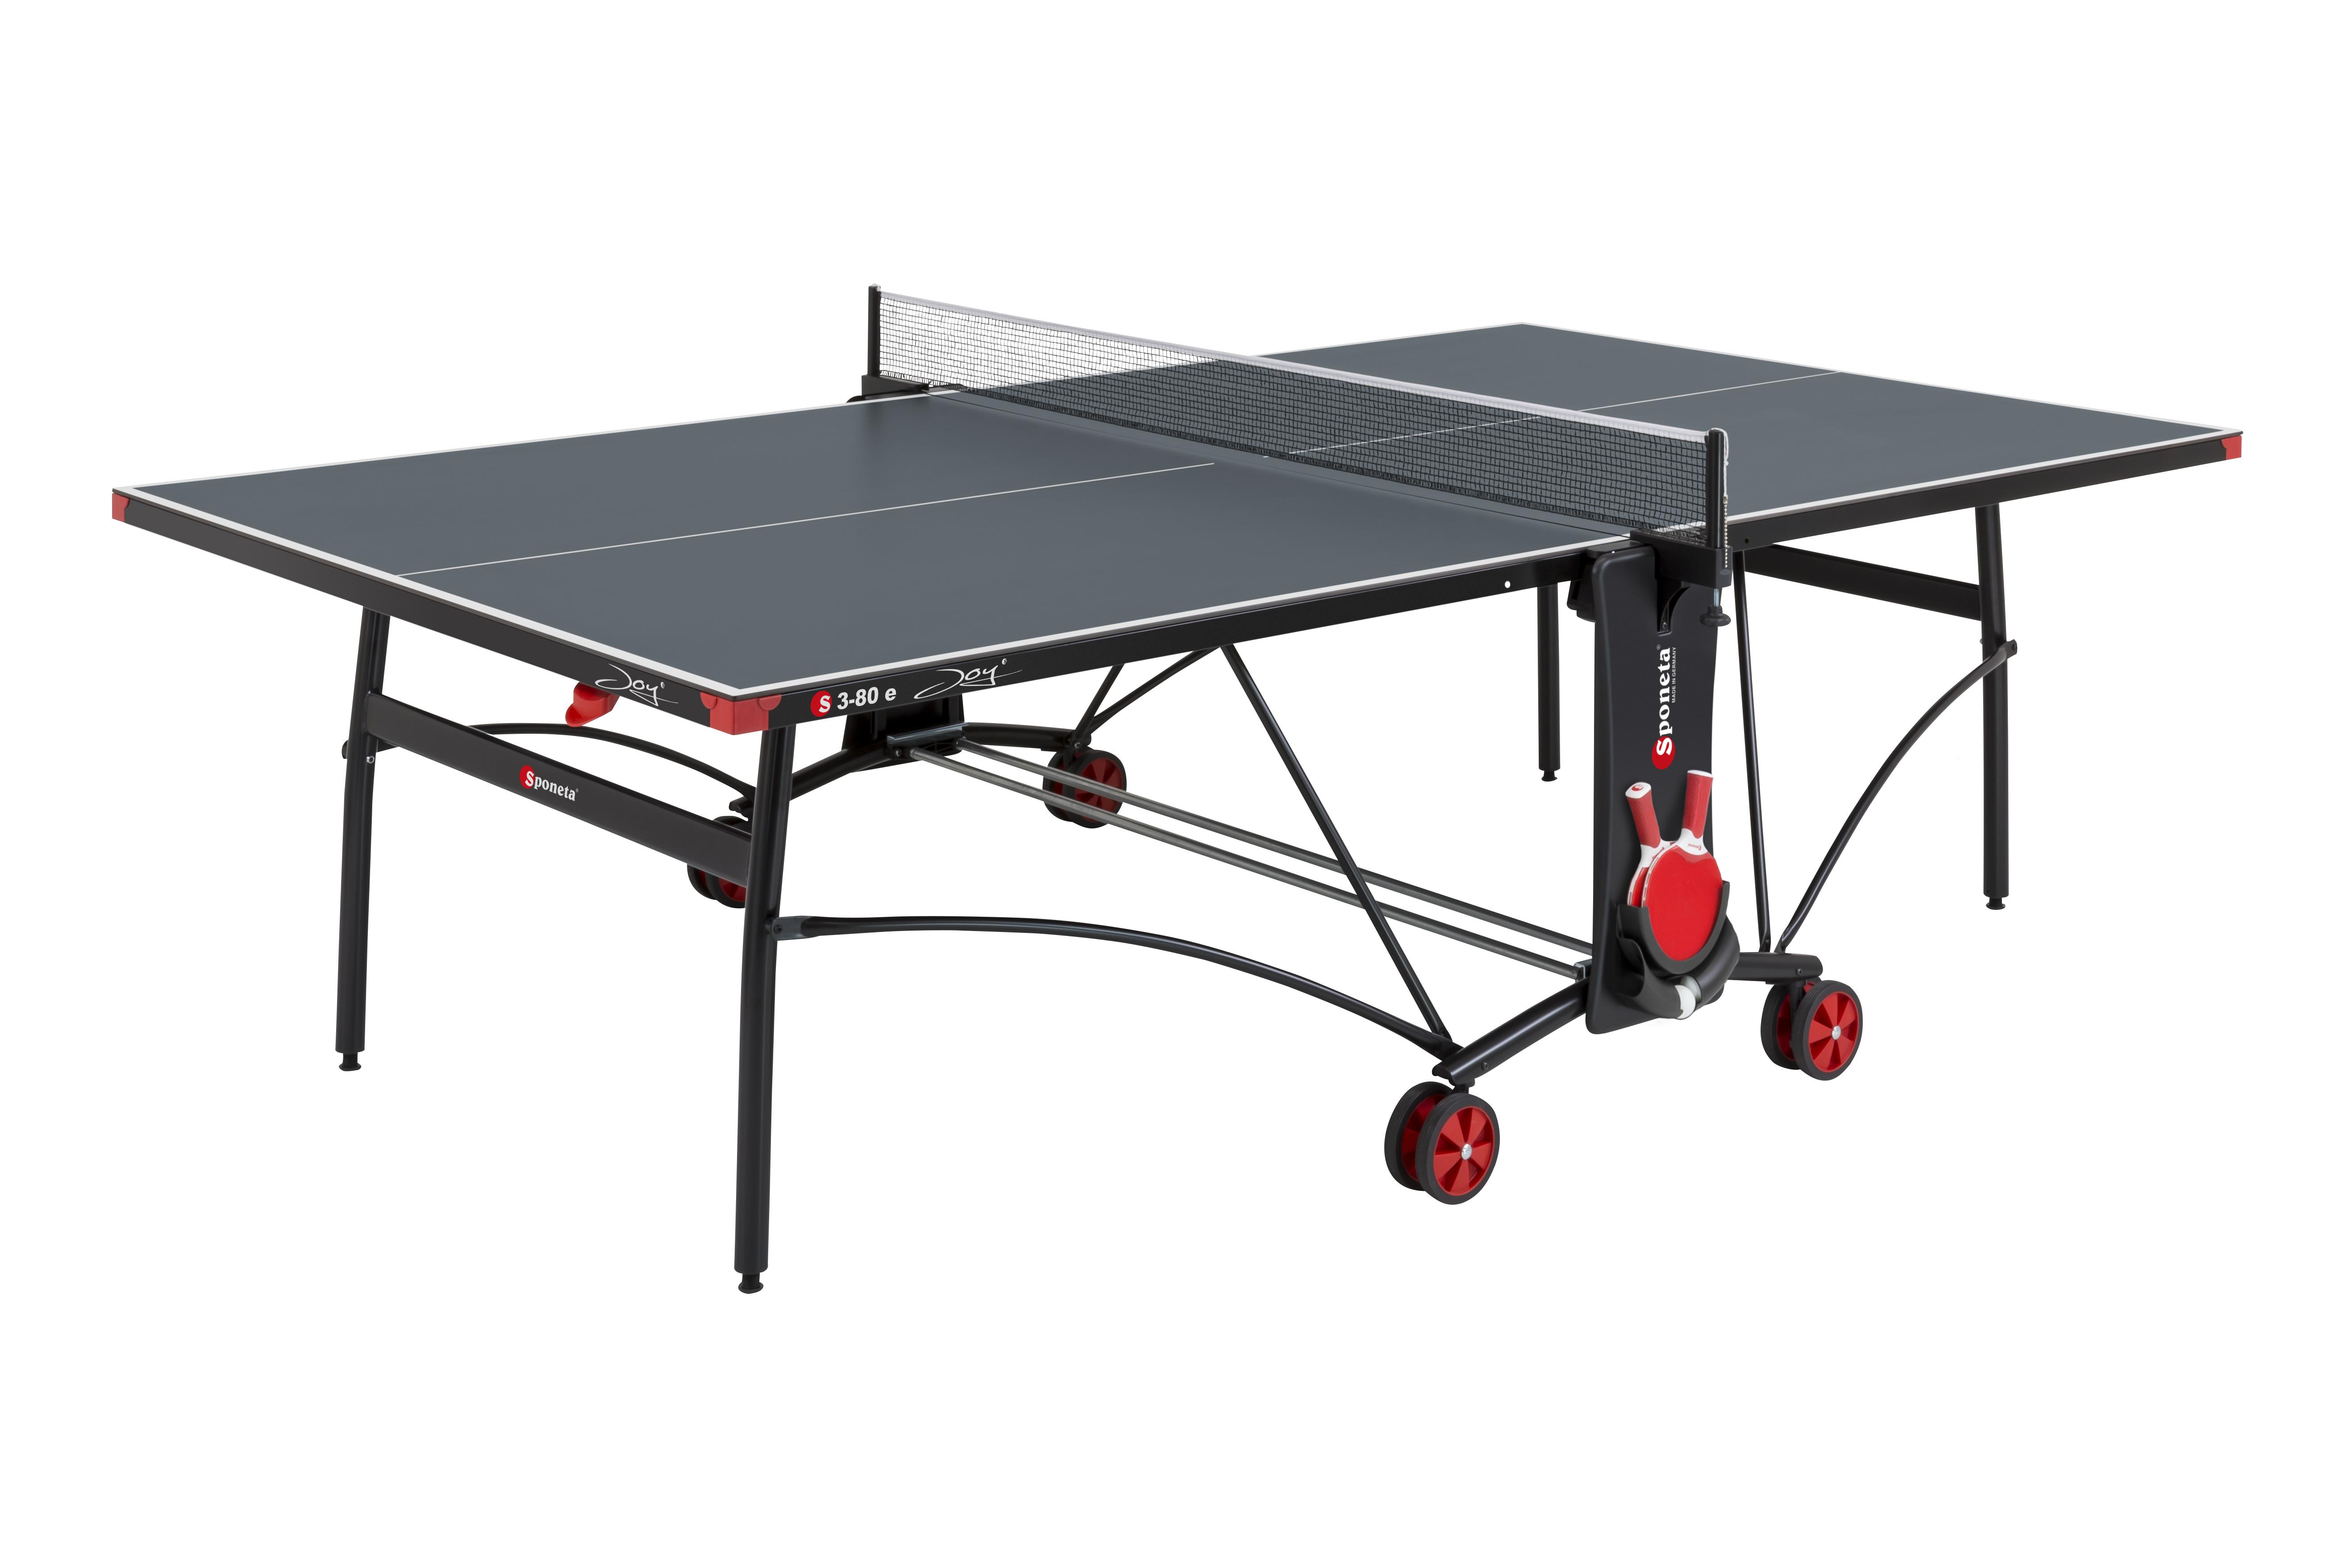 """TC0263: Tafeltennistafel Outdoor SPONETA S 3-80 e grijze tafel met zwart onderstel""""Gratis levering"""" #1"""